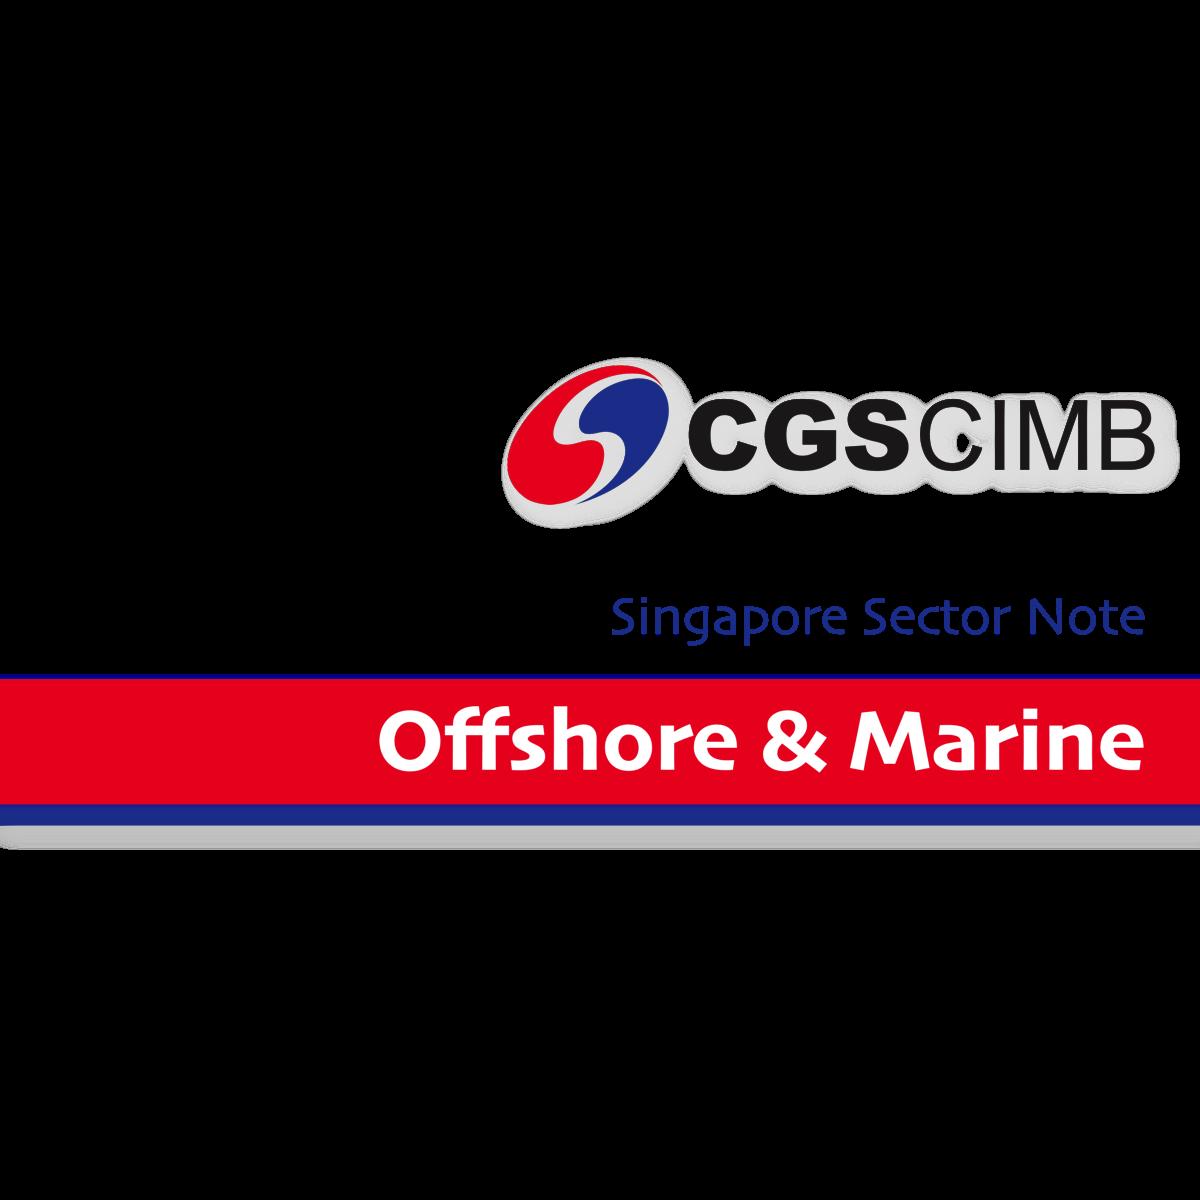 Offshore & Marine - CGS-CIMB Research | SGinvestors.io